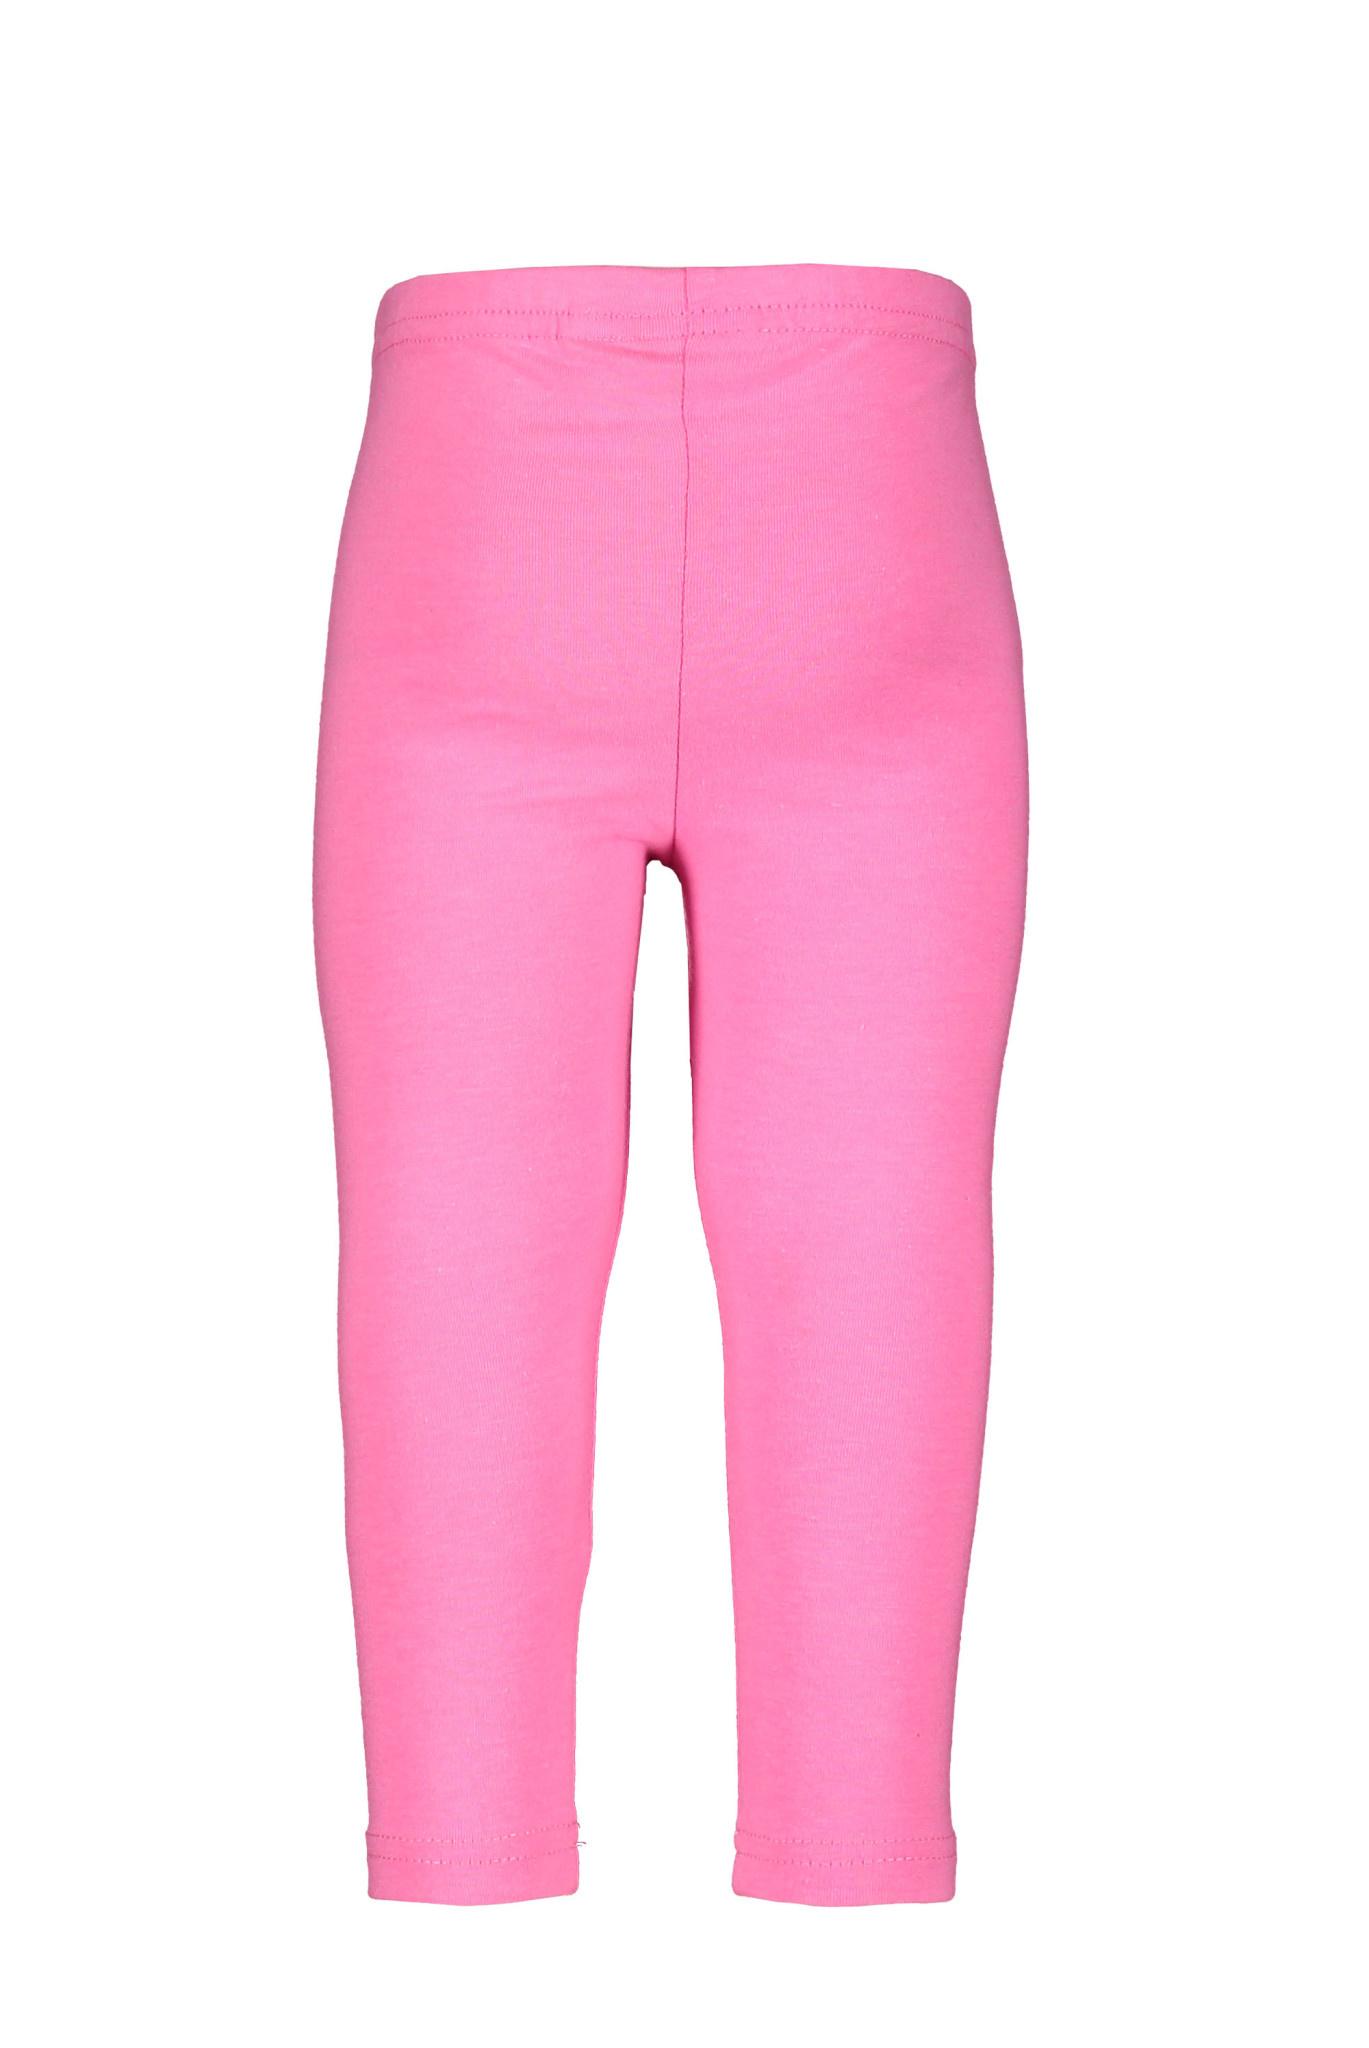 Eve Leggings - Hot Pink